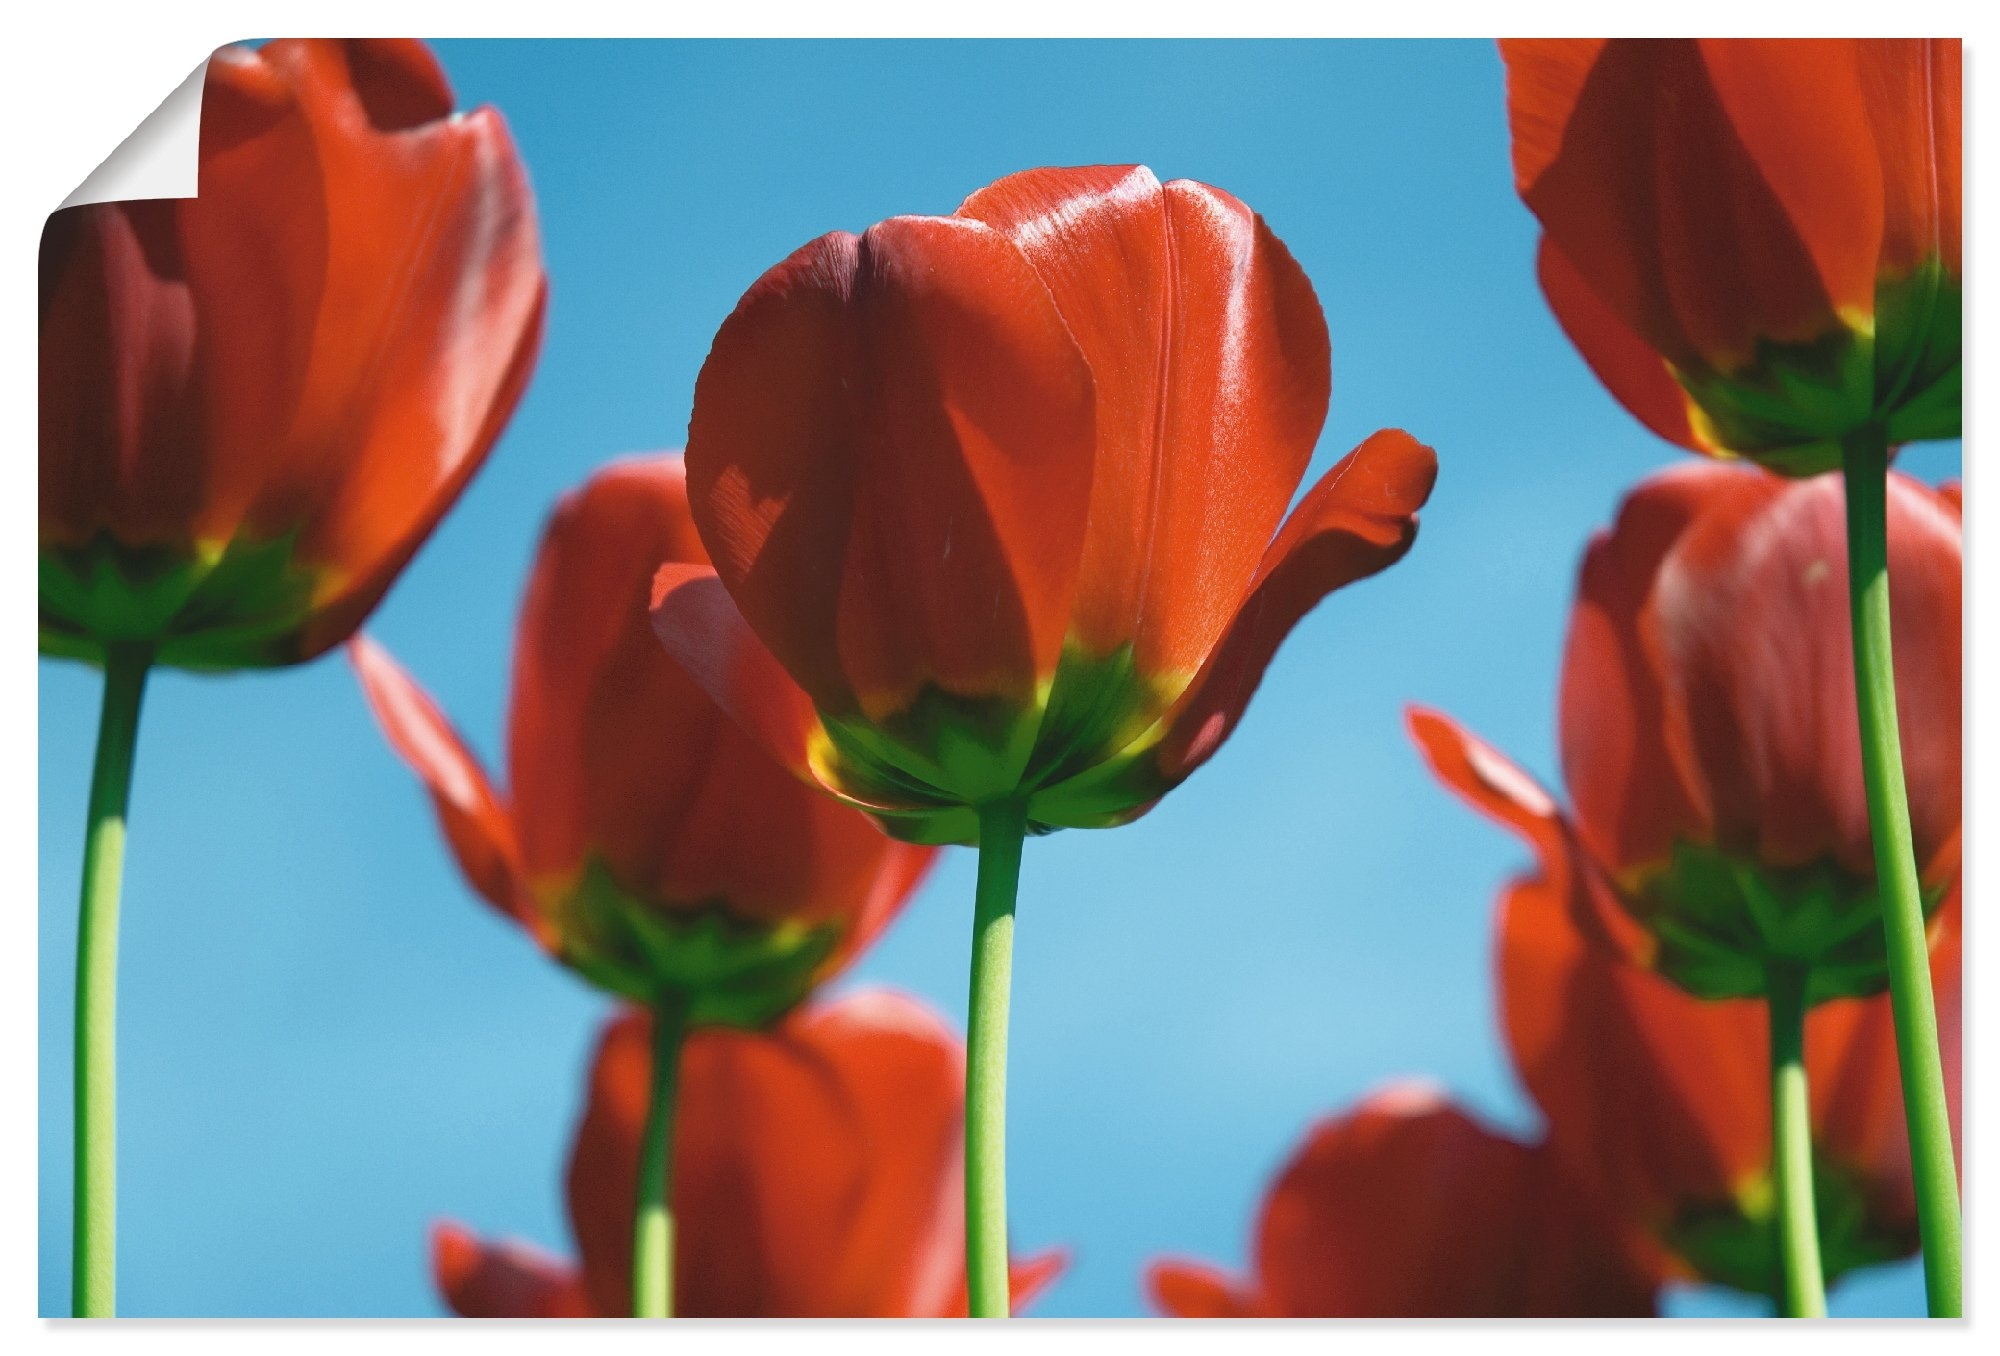 Artland artprint »Tulpen« - verschillende betaalmethodes